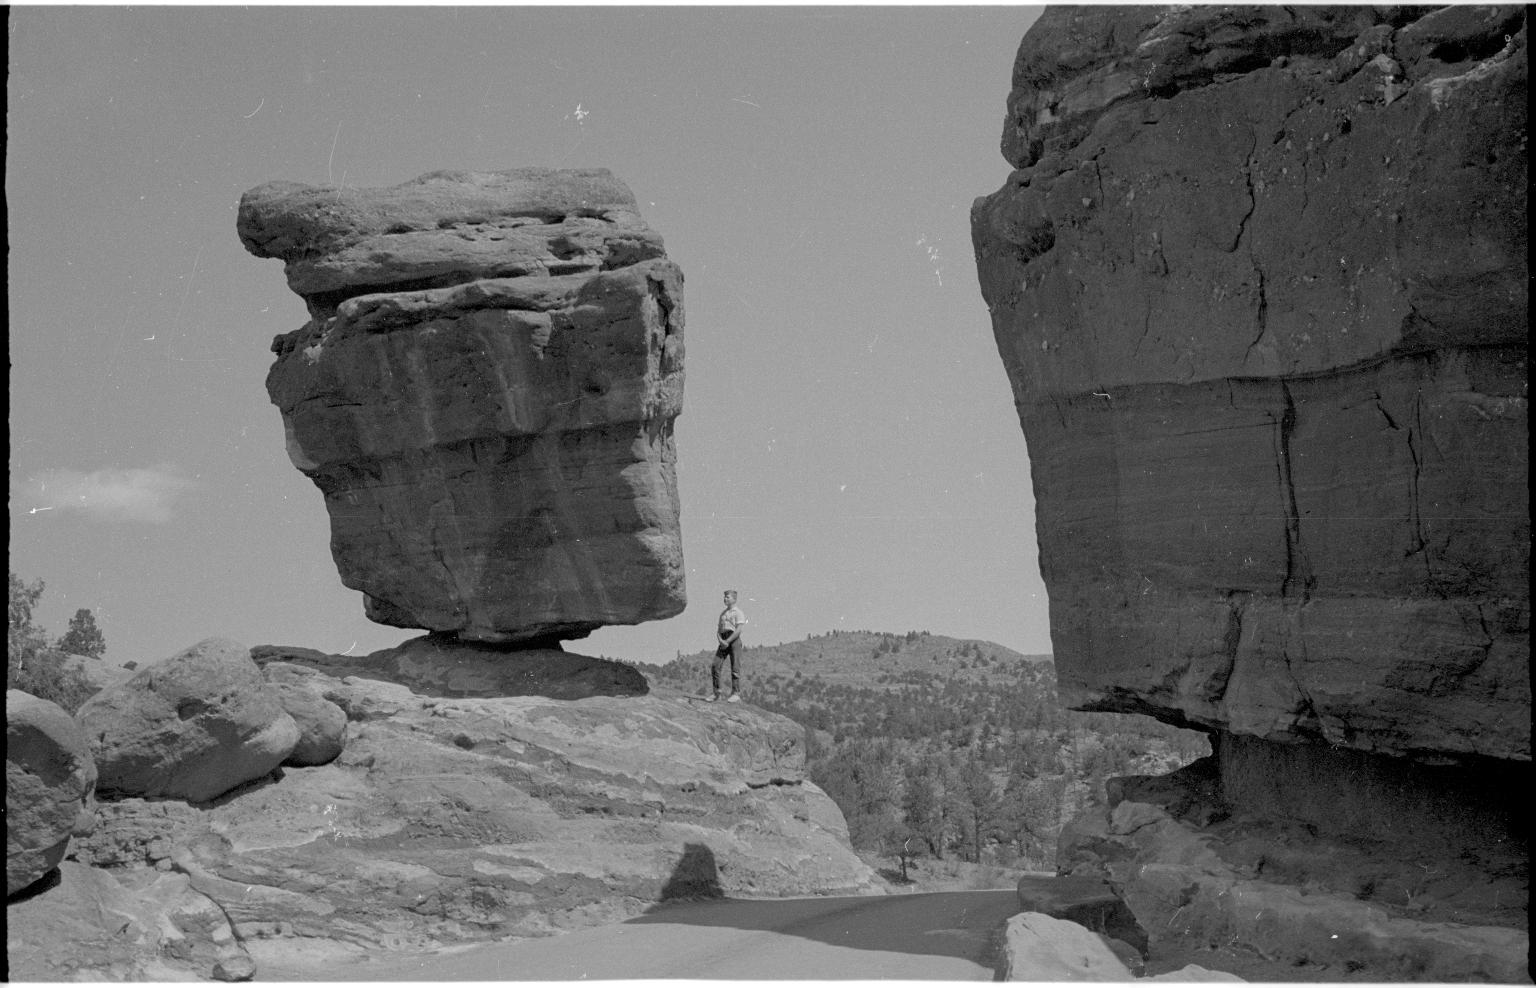 Jack Murphy and Balanced Rock